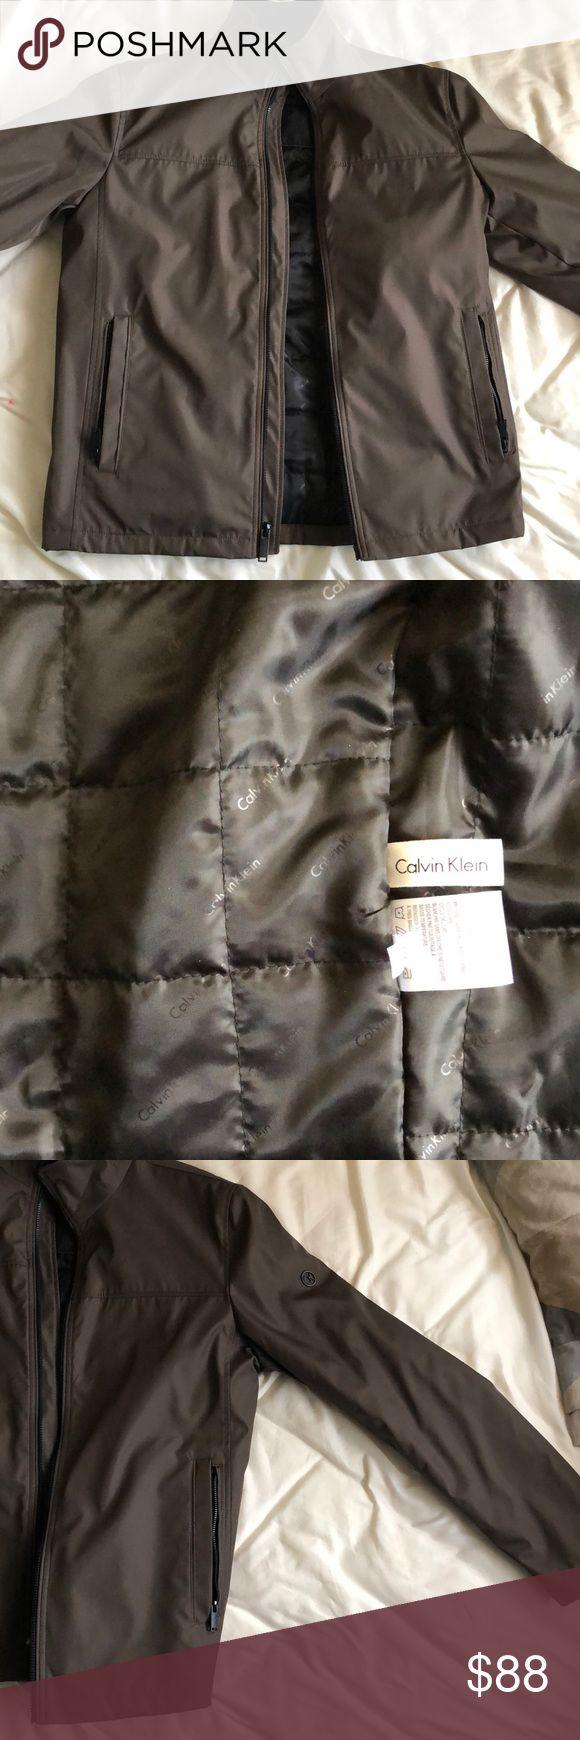 Calvin Klein brown zip up jacket Calvin Klein brown zip up jacket, black inside, zip up pockets on outside, coat pockets on inside Calvin Klein Jackets & Coats Lightweight & Shirt Jackets